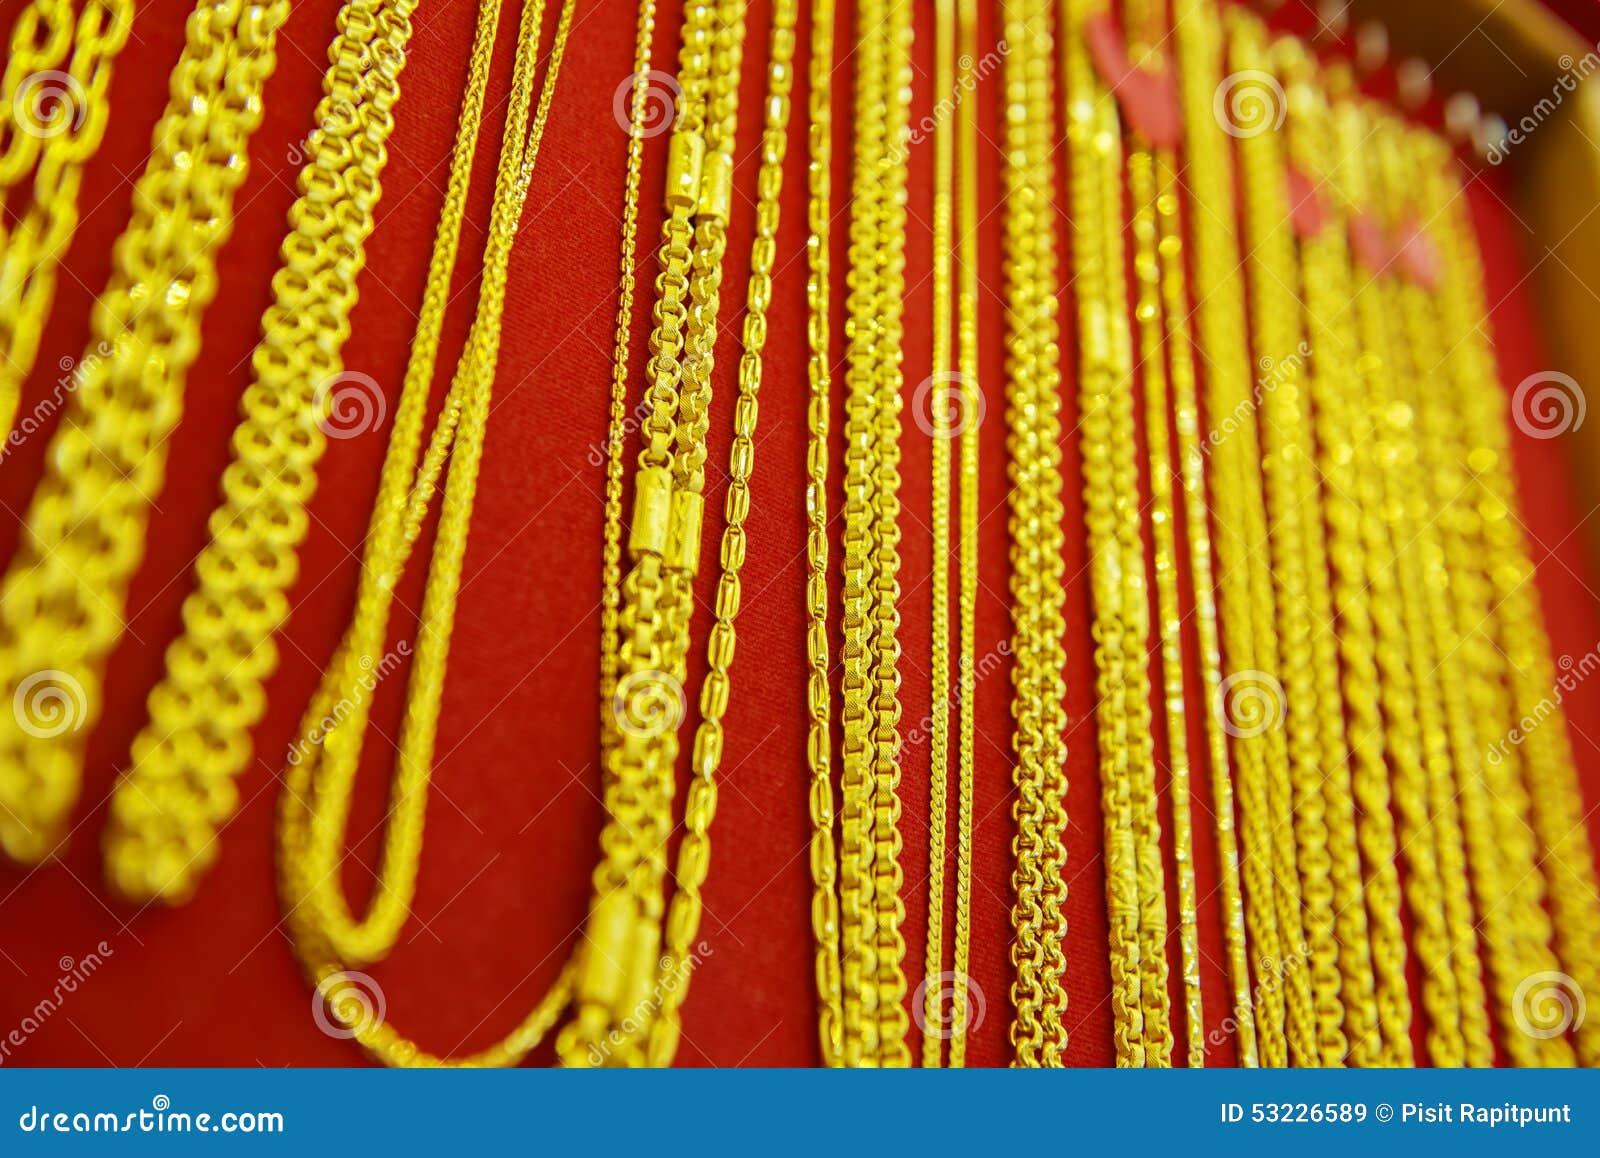 Colección de collar de oro